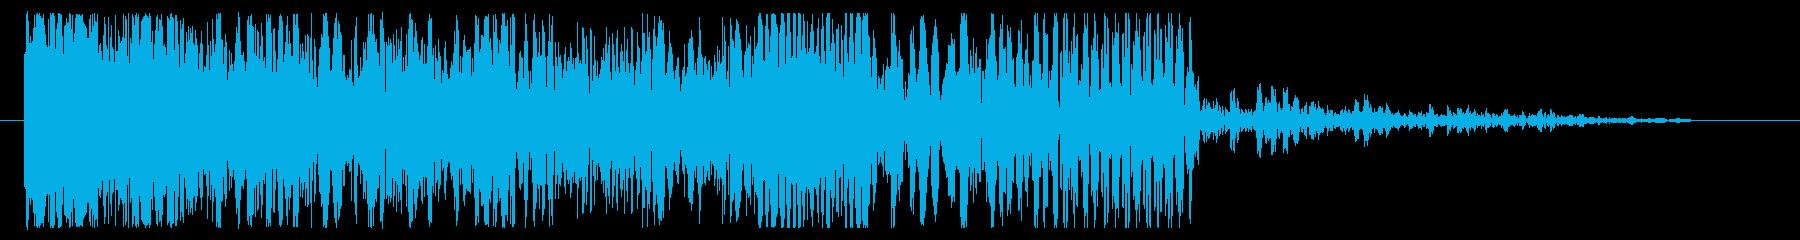 グラインドダウン、パワーダウンモー...の再生済みの波形